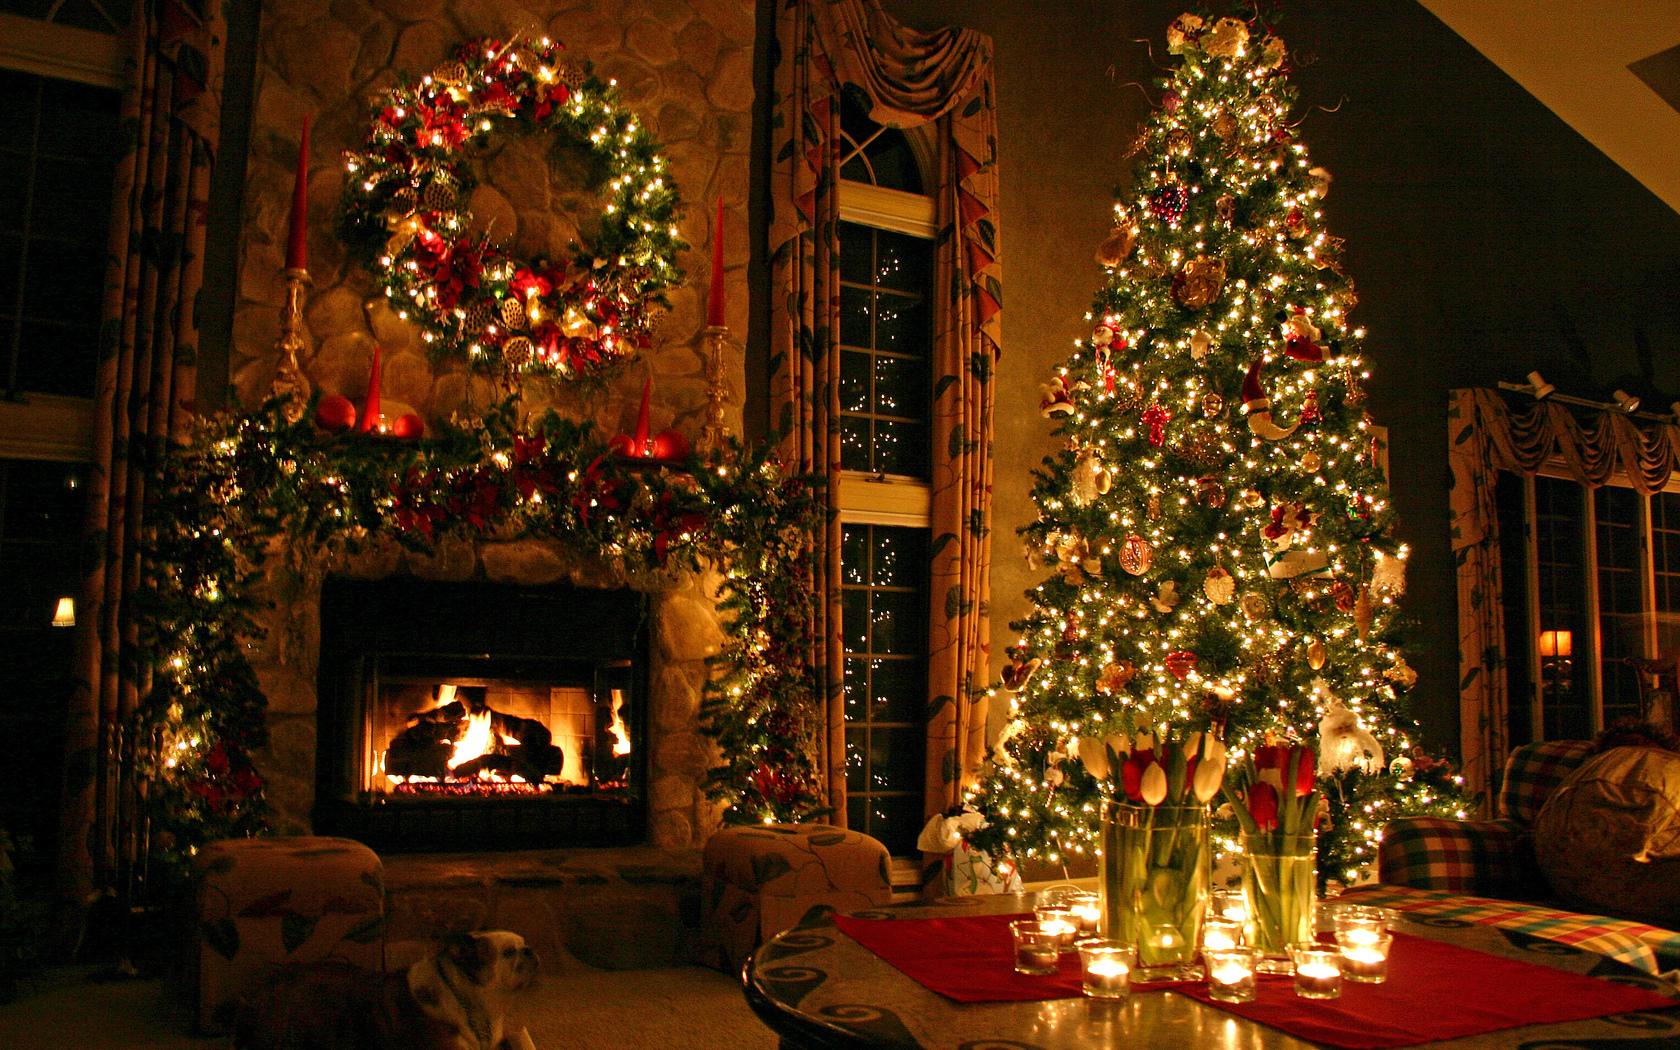 расписание торгов на рождество, новый год